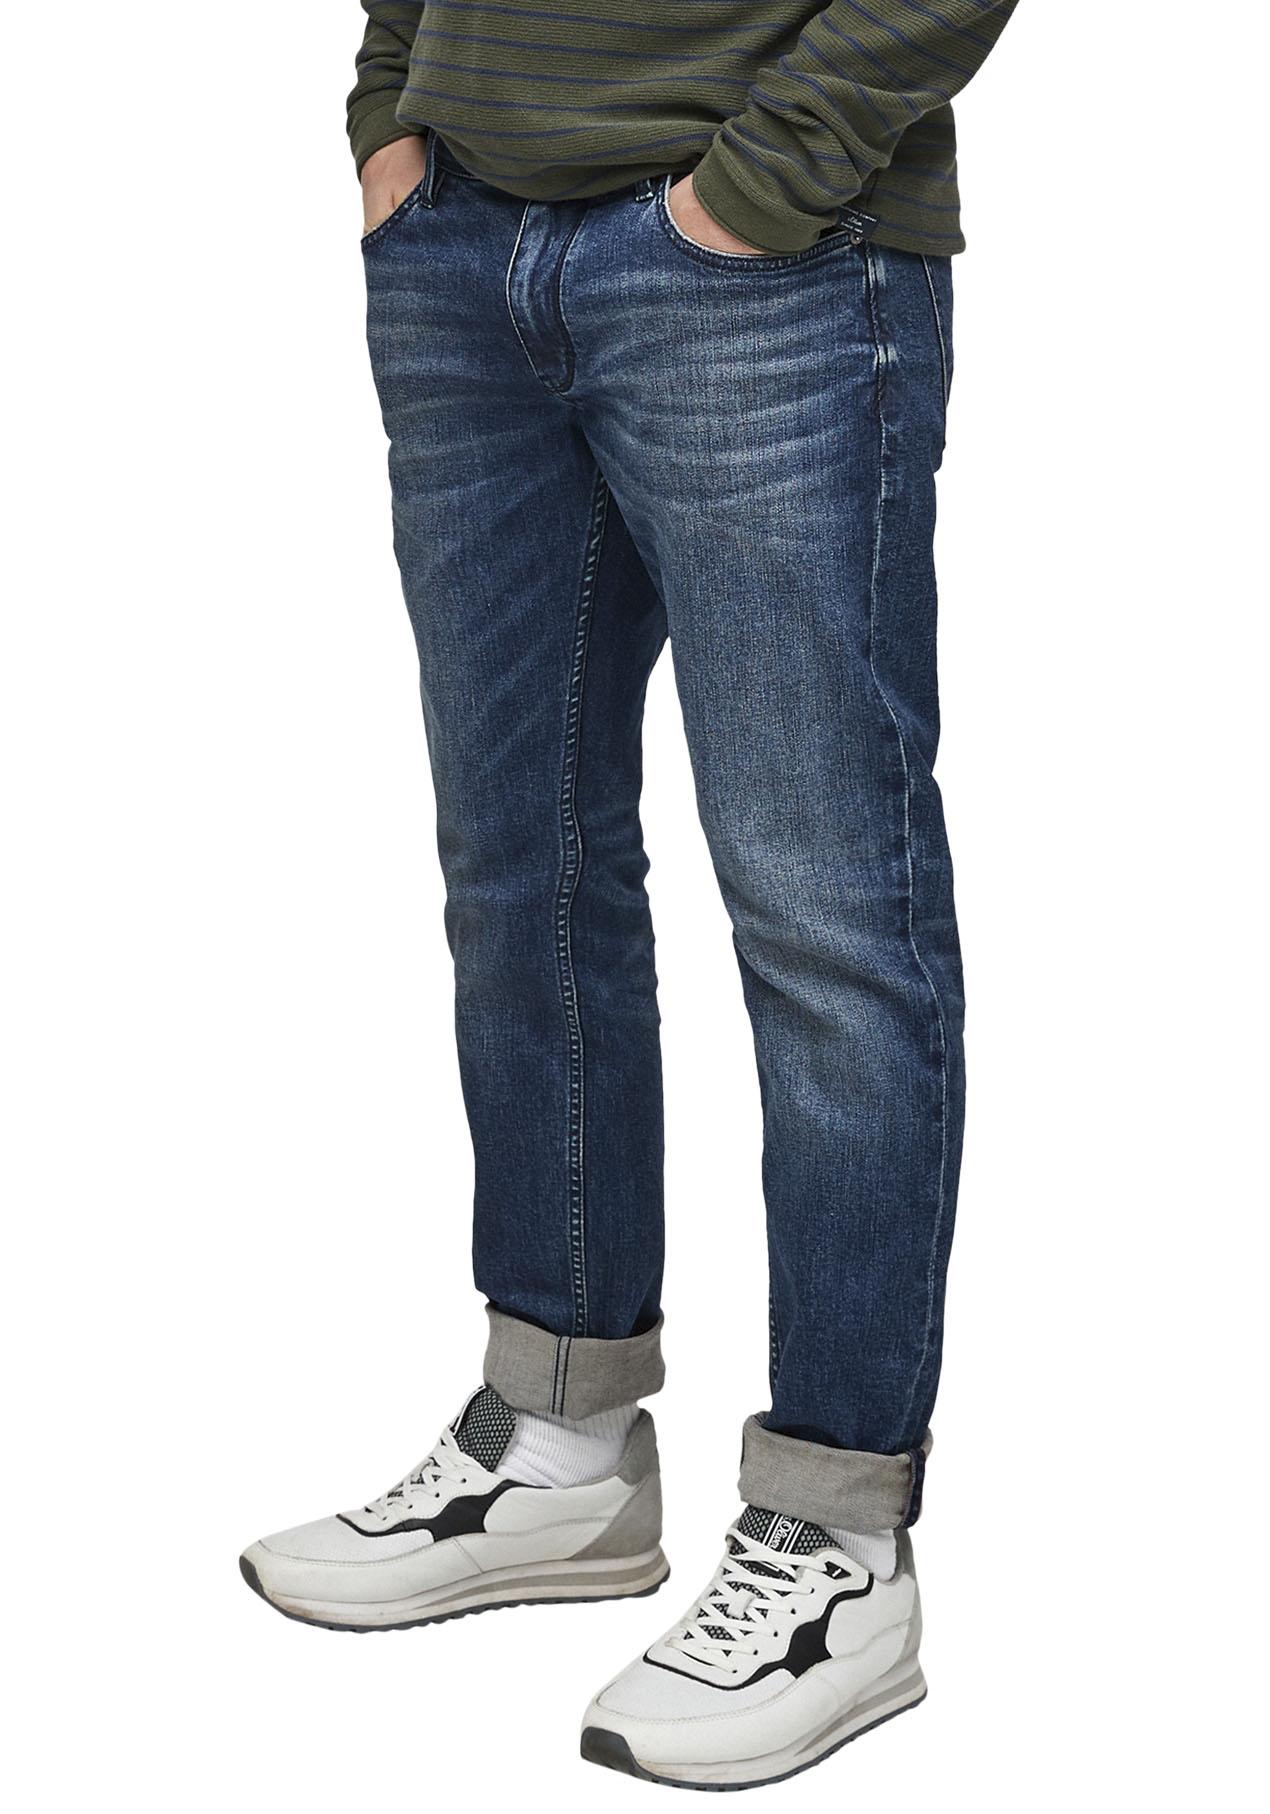 s.oliver -  Straight-Jeans YORK, mit authentischer Waschung